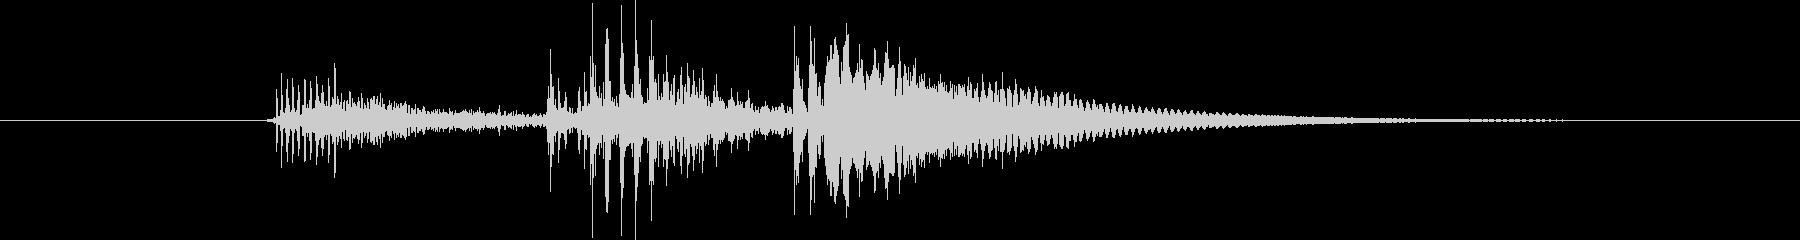 コルク栓やスクリューキャップを抜く音04の未再生の波形